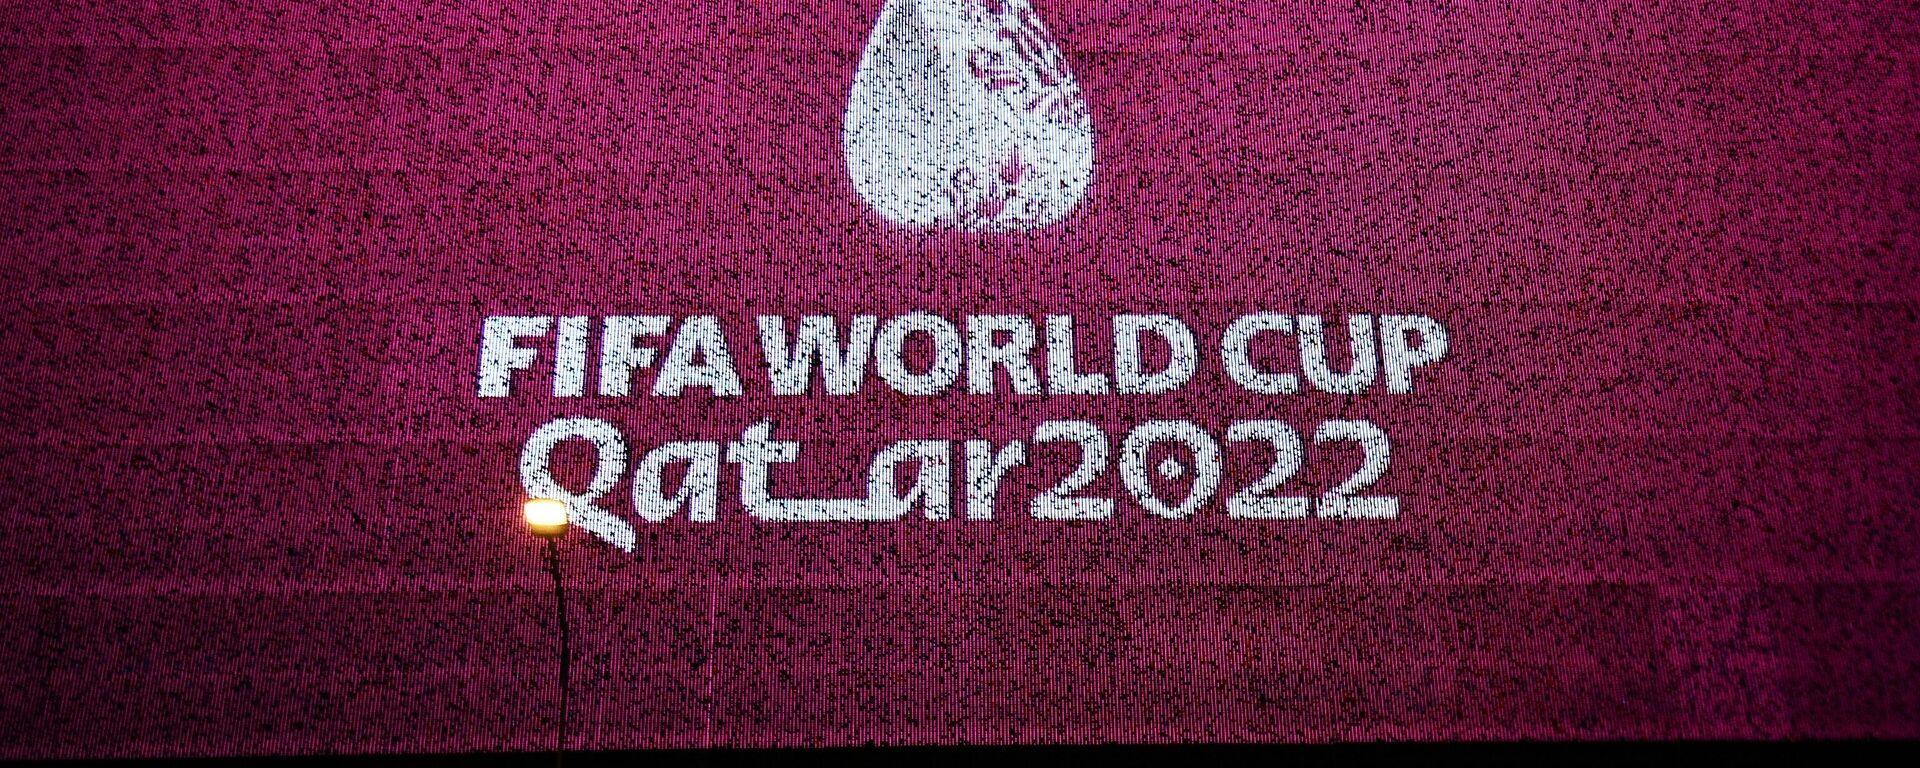 Logo der Fußball-WM 2022 in Katar  - SNA, 1920, 03.09.2021